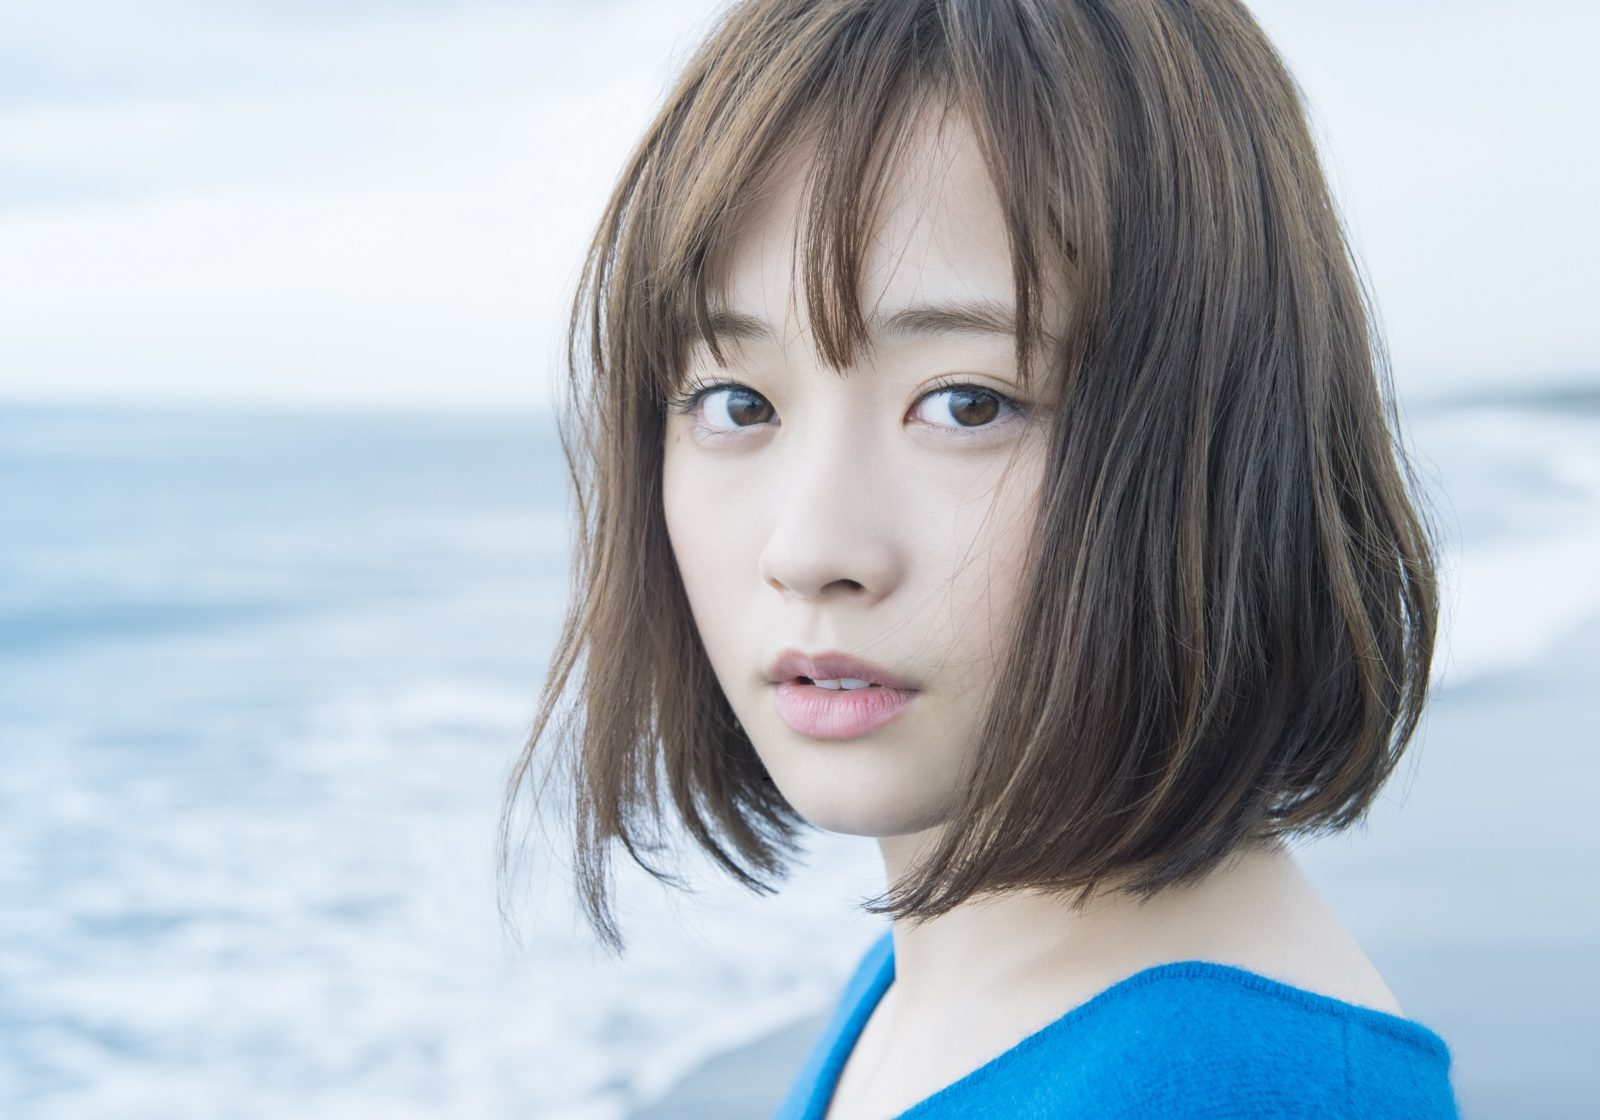 大原櫻子 遂にニューシングル「さよなら」のラジオ初オンエアとゲスト出演が決定サムネイル画像